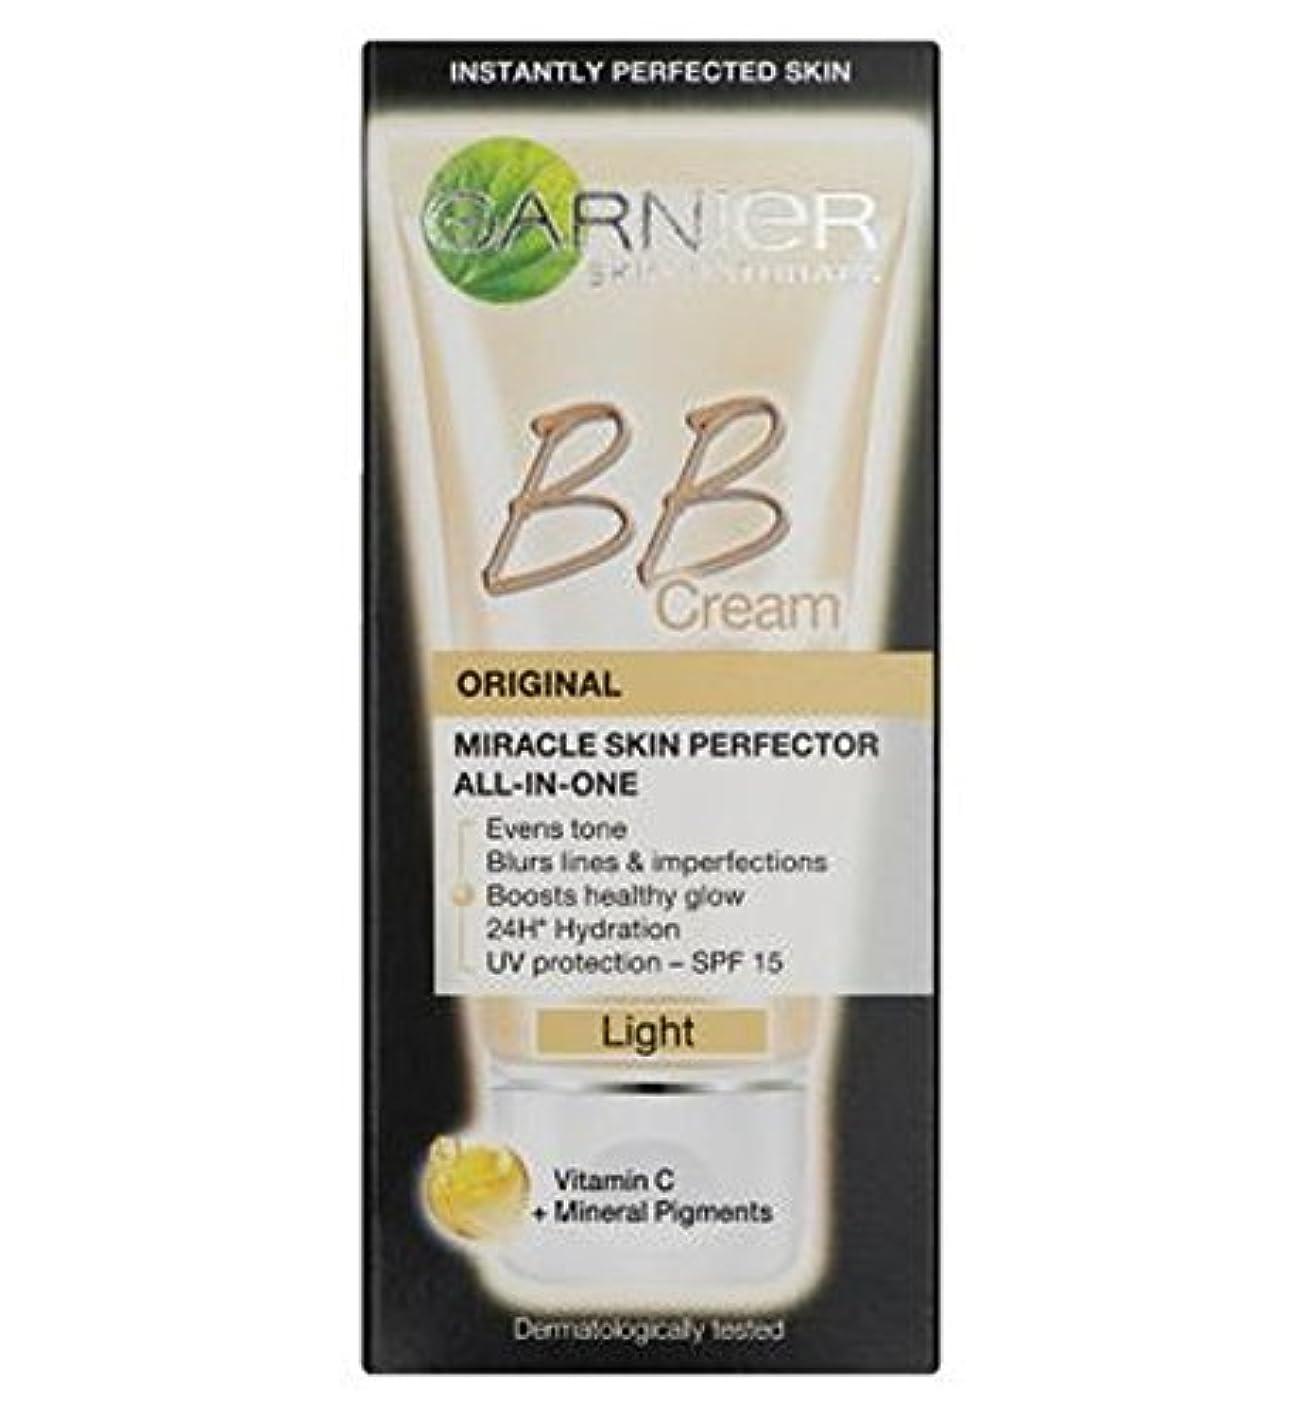 さておき道に迷いました出席Garnier Skin Perfector Daily All-In-One B.B. Blemish Balm Cream Light 50ml - 毎日オールインワンB.B.ガルニエスキンパーフェク傷バームクリームライト...